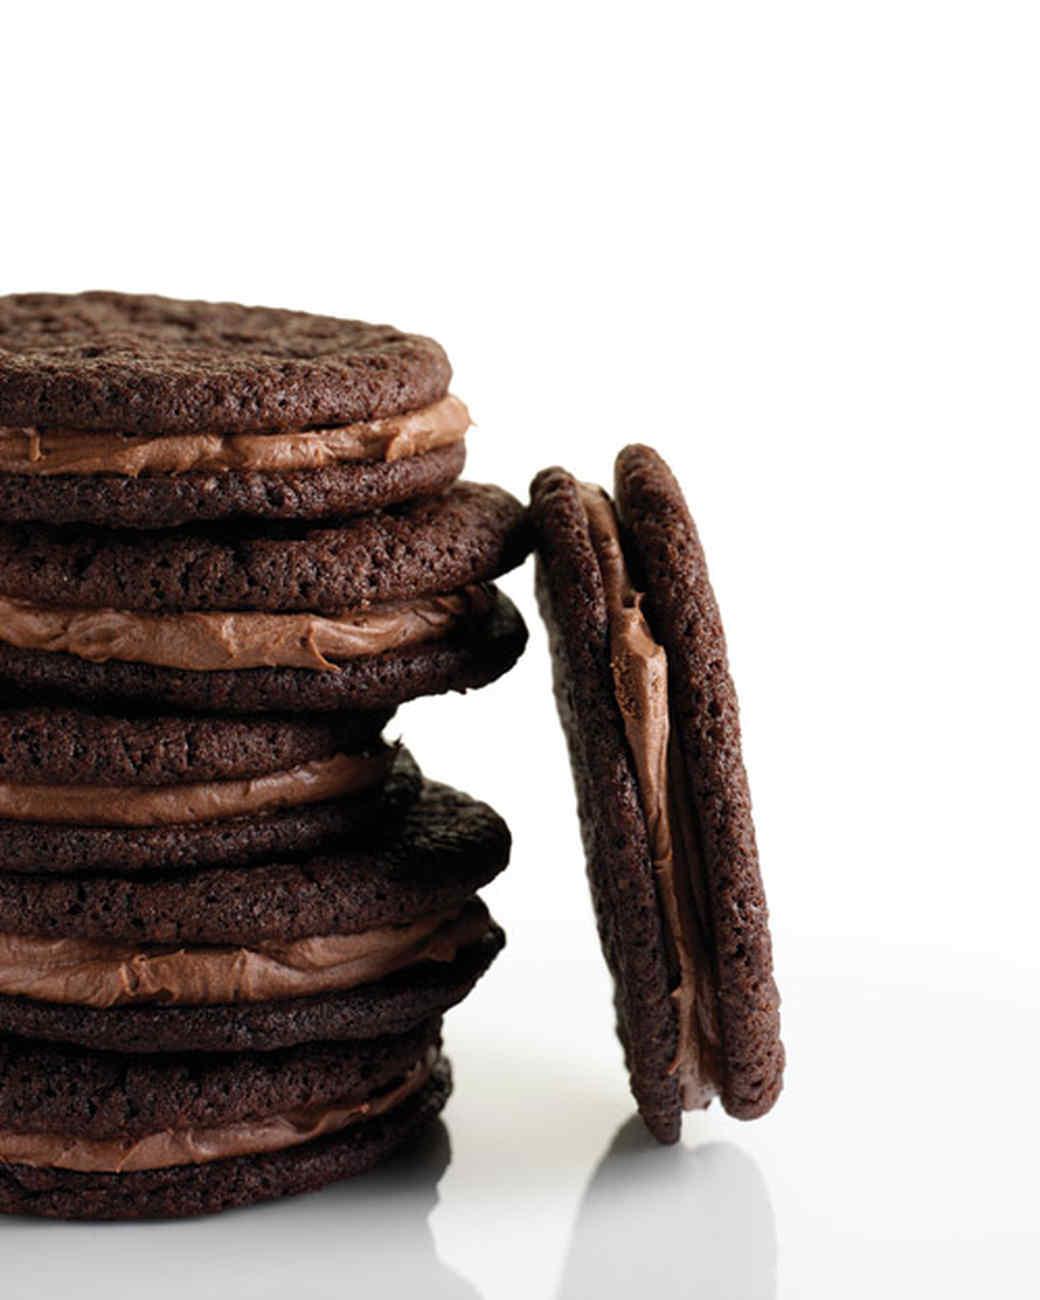 Chocolate-Malt Sandwiches